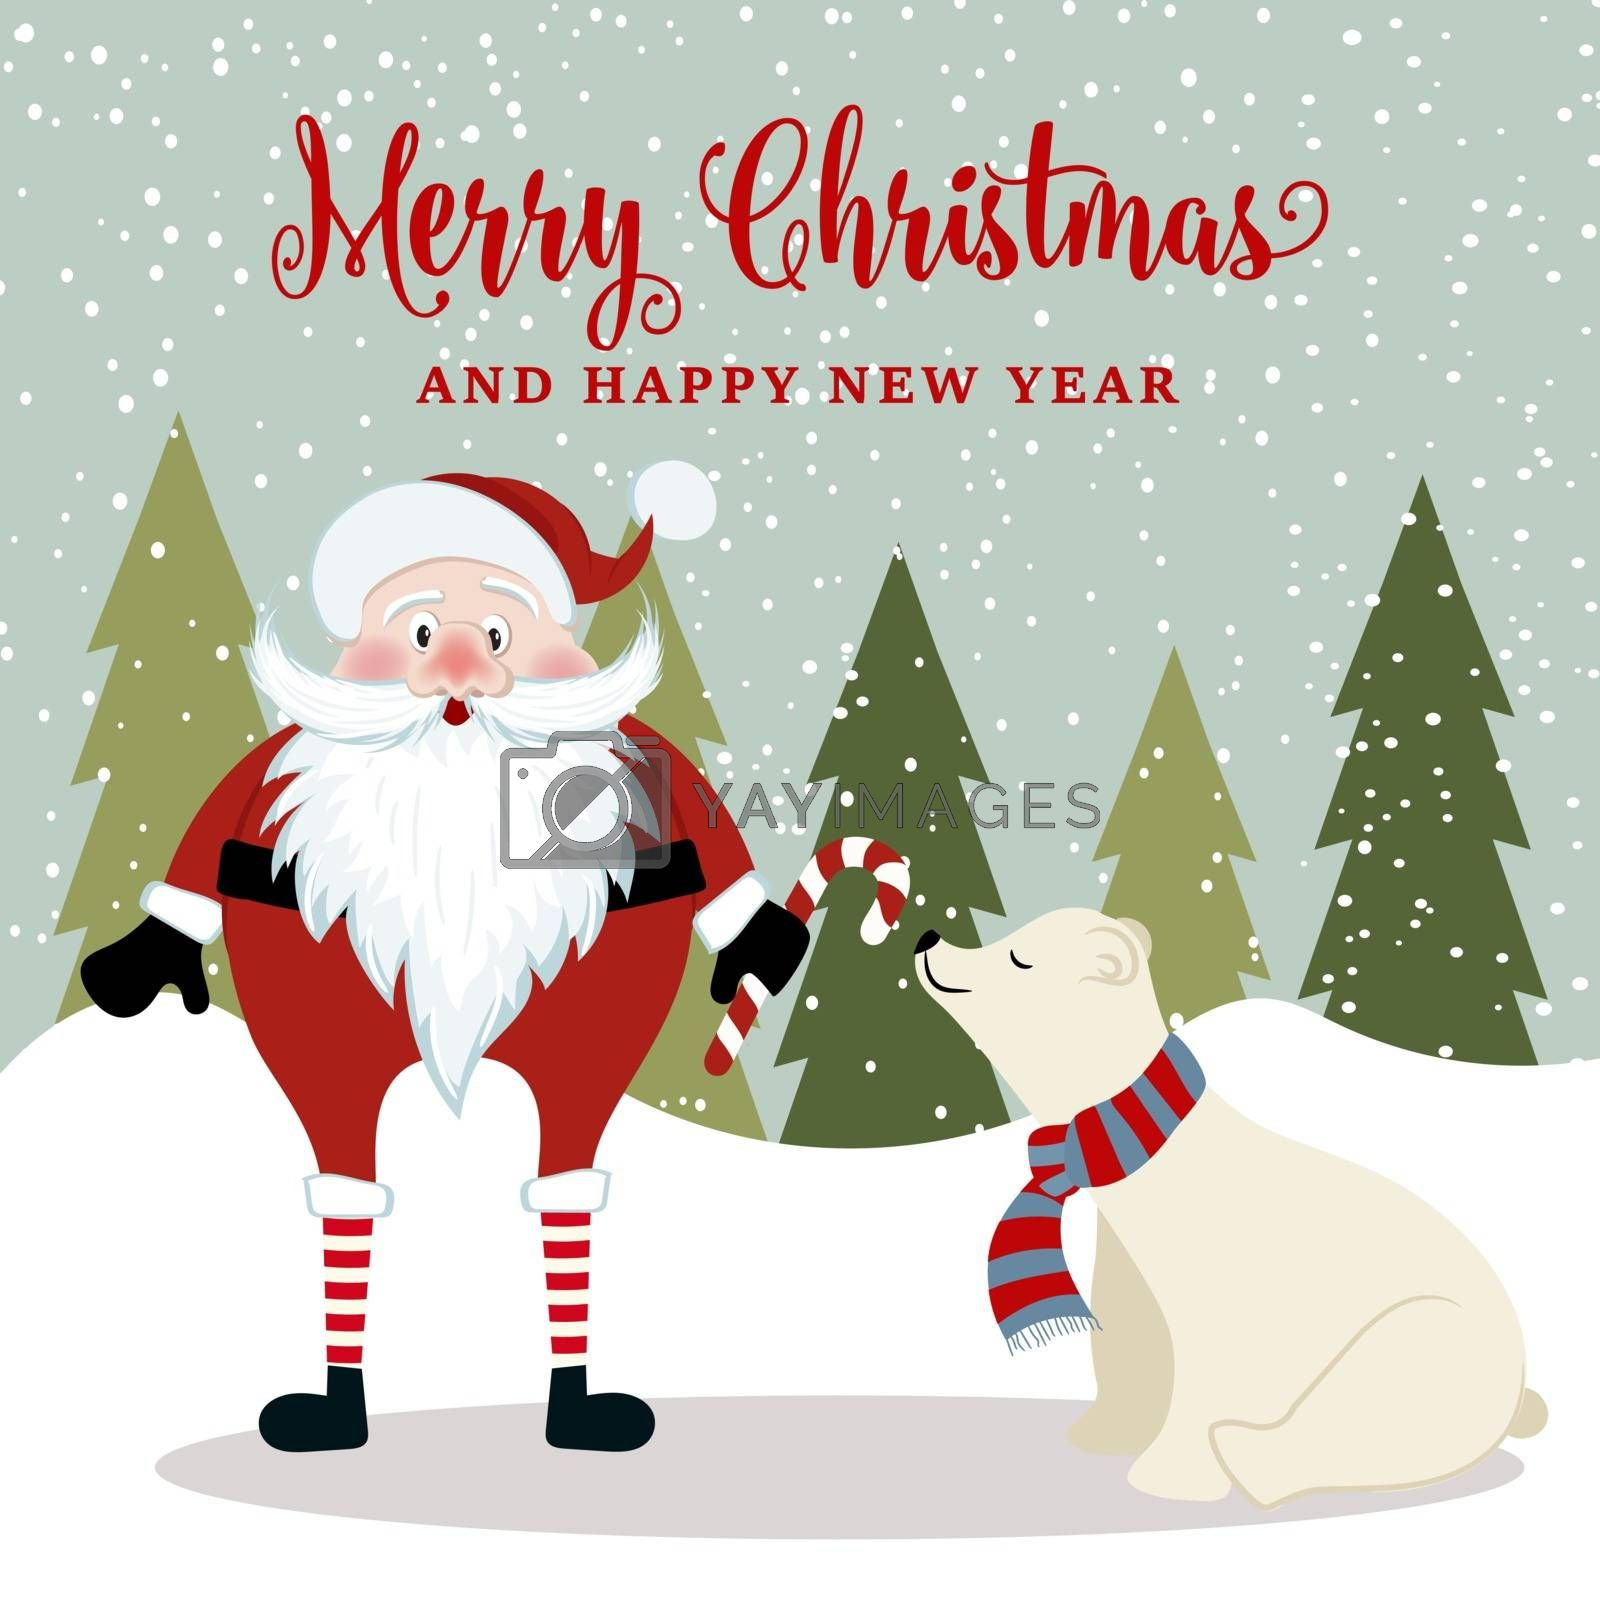 Gorgeous Christmas card with Santa and polar bear . Christmas poster. Vector